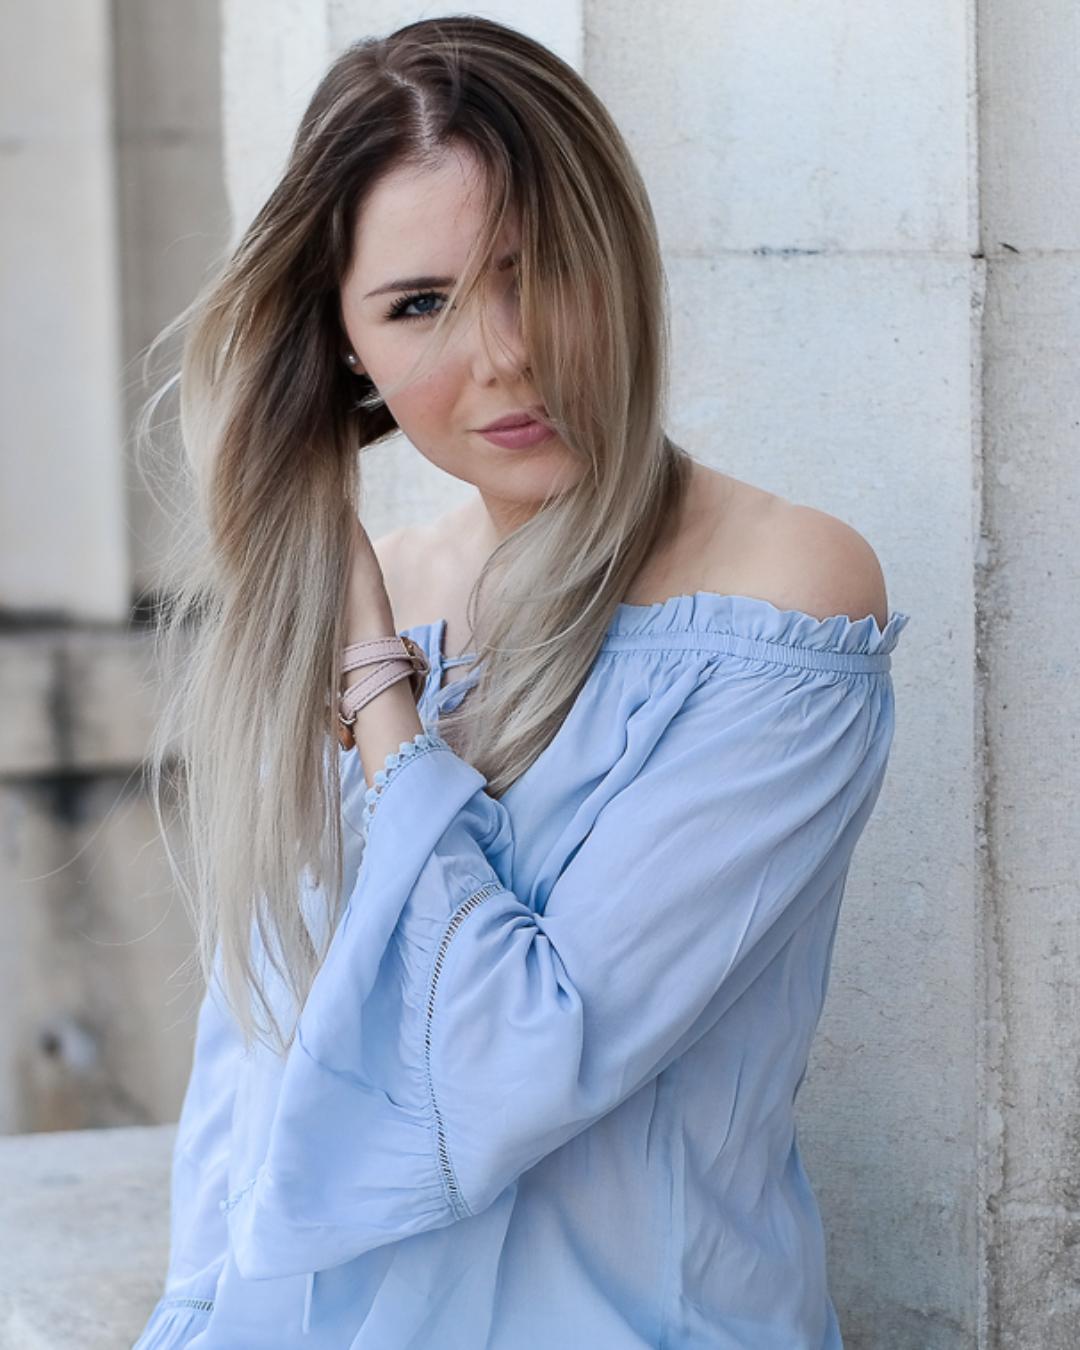 Frauenklischee – nach der Trennung neue Haare?